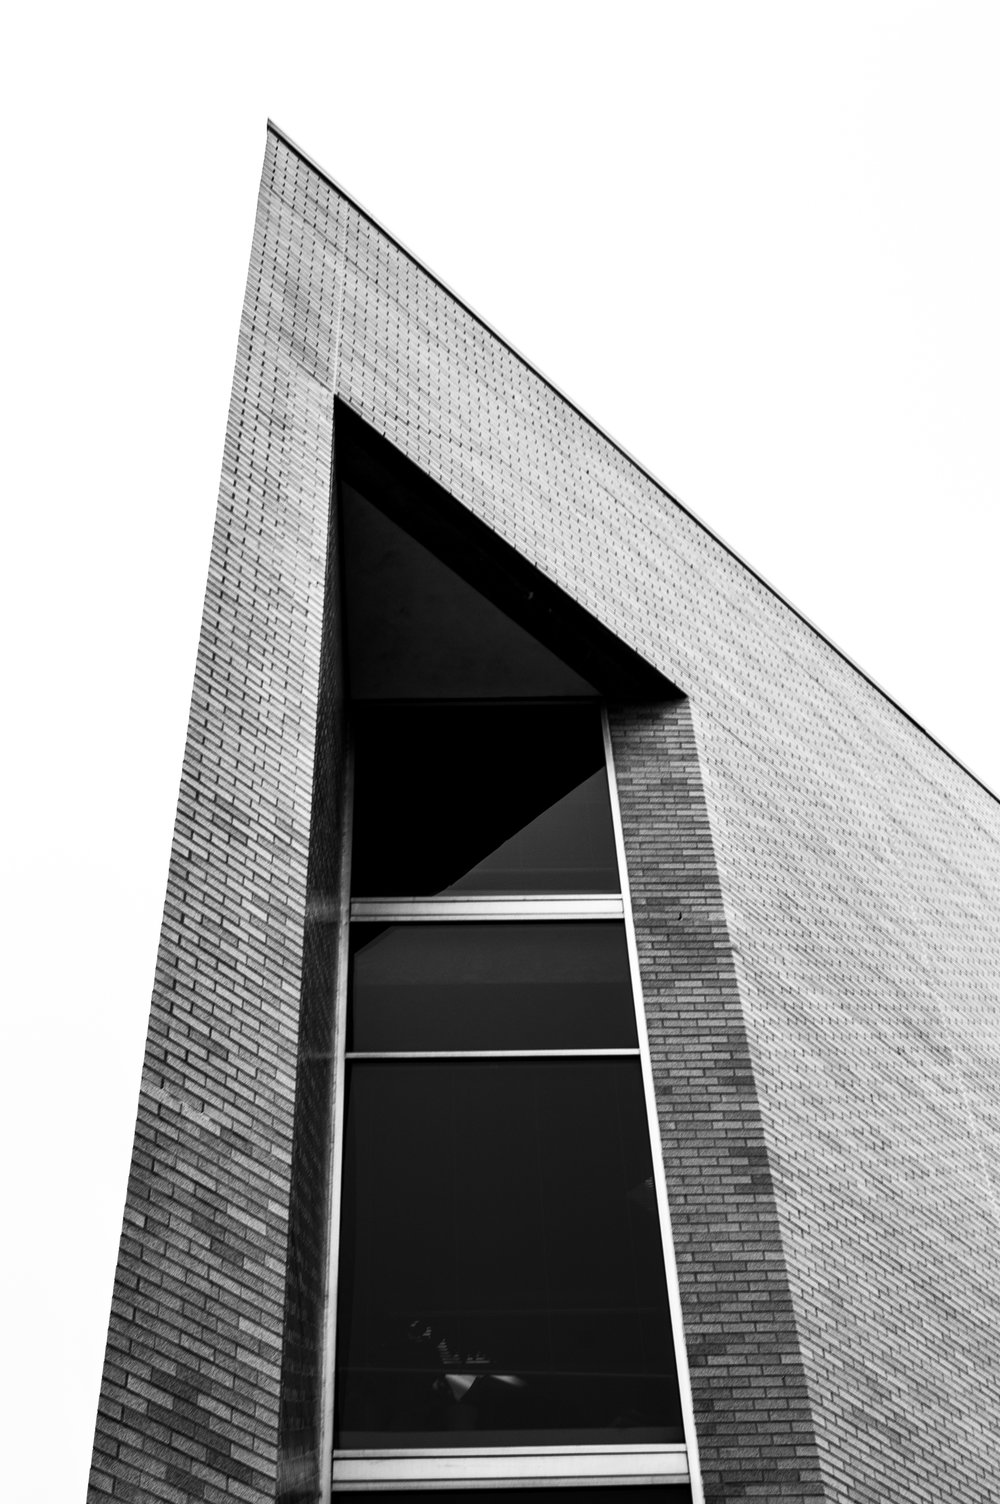 communiy college architecture.jpg